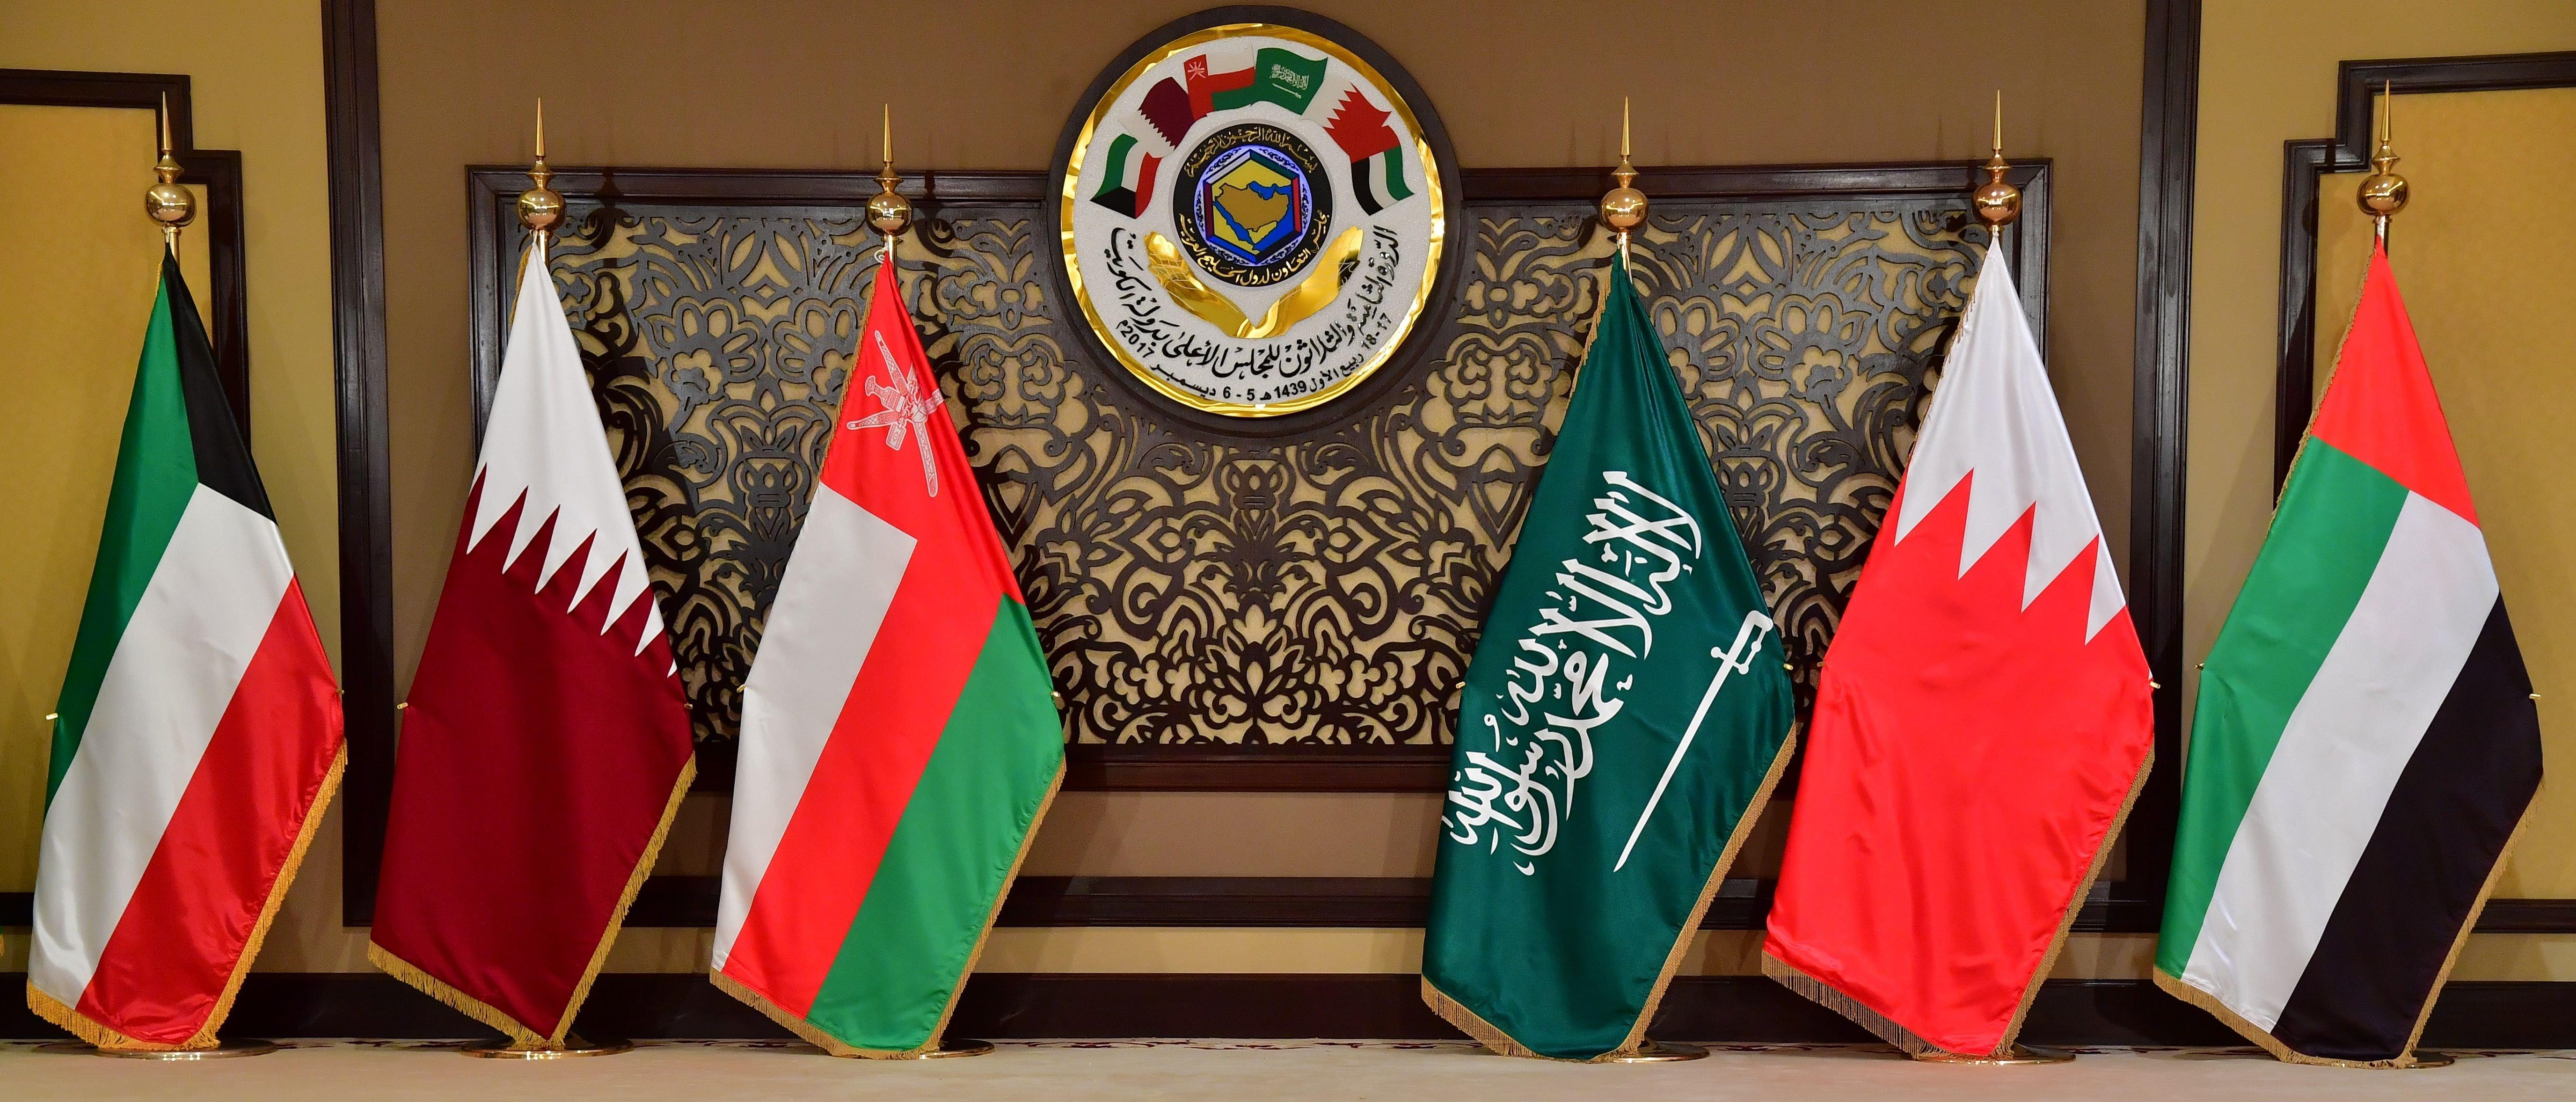 صحفيون يرون أن أمام القمة الحالية قضايا أهم من الأزمة مع قطر